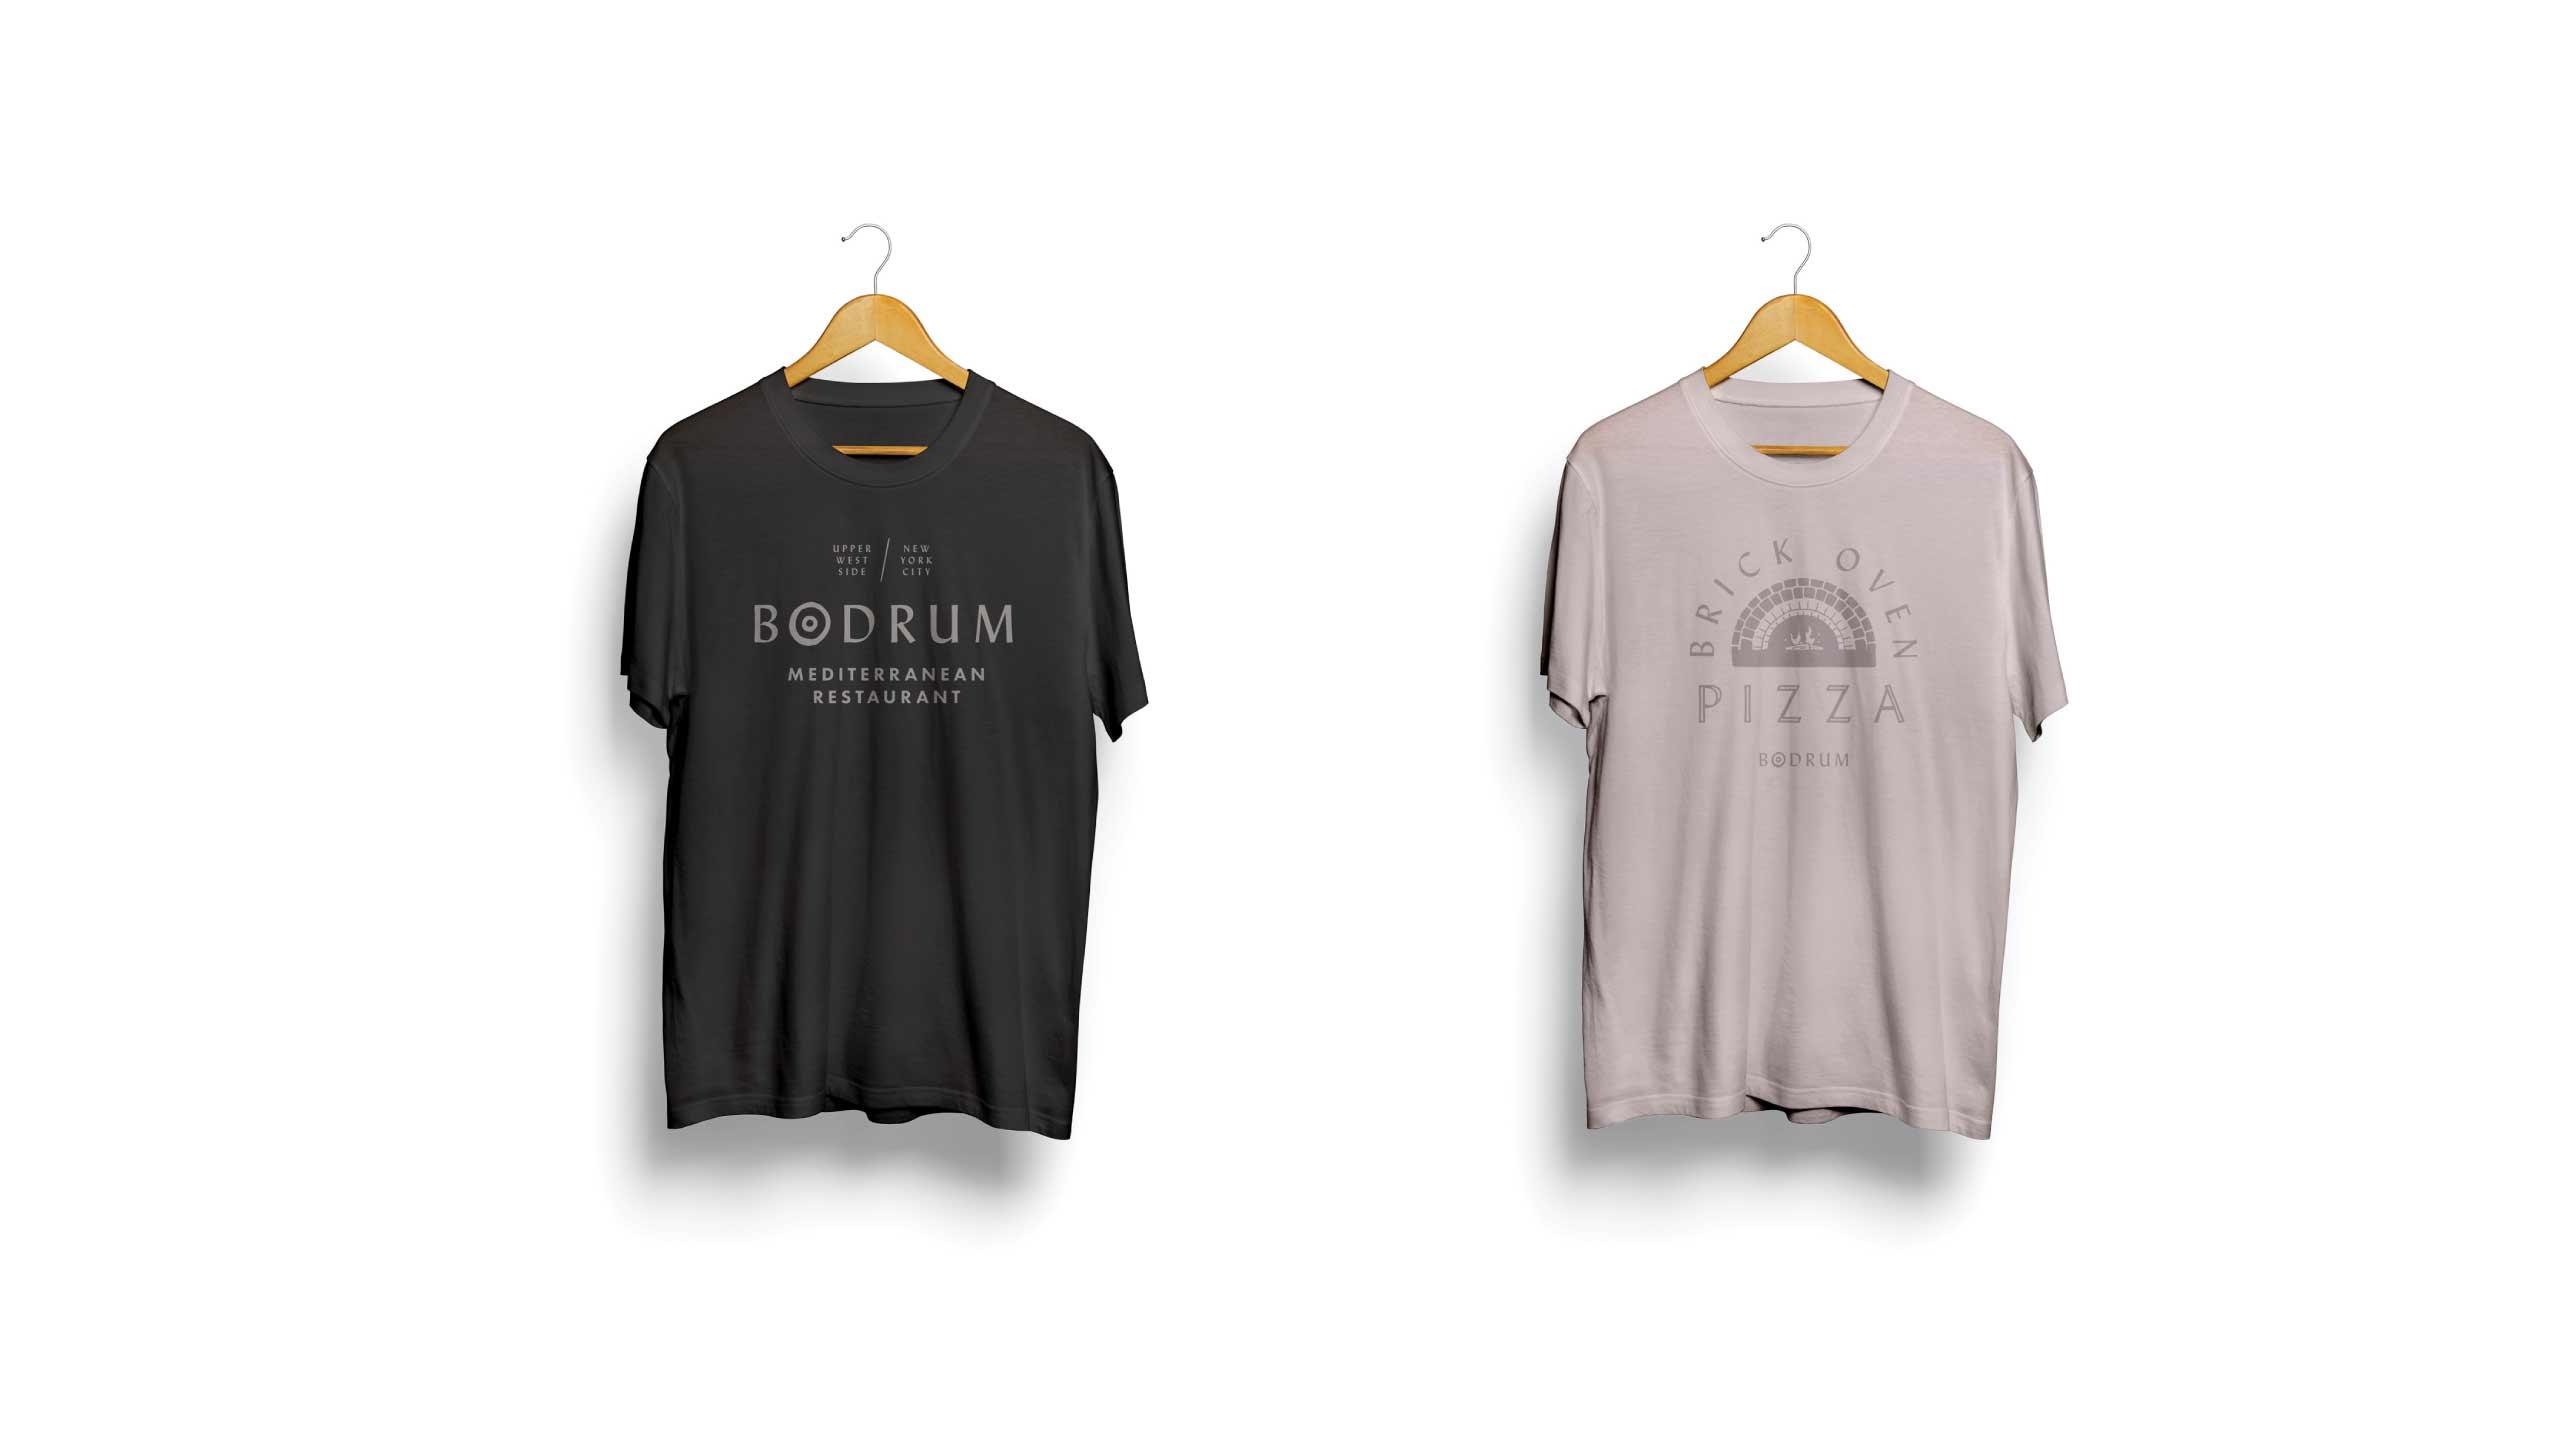 bodrum-apparel-design